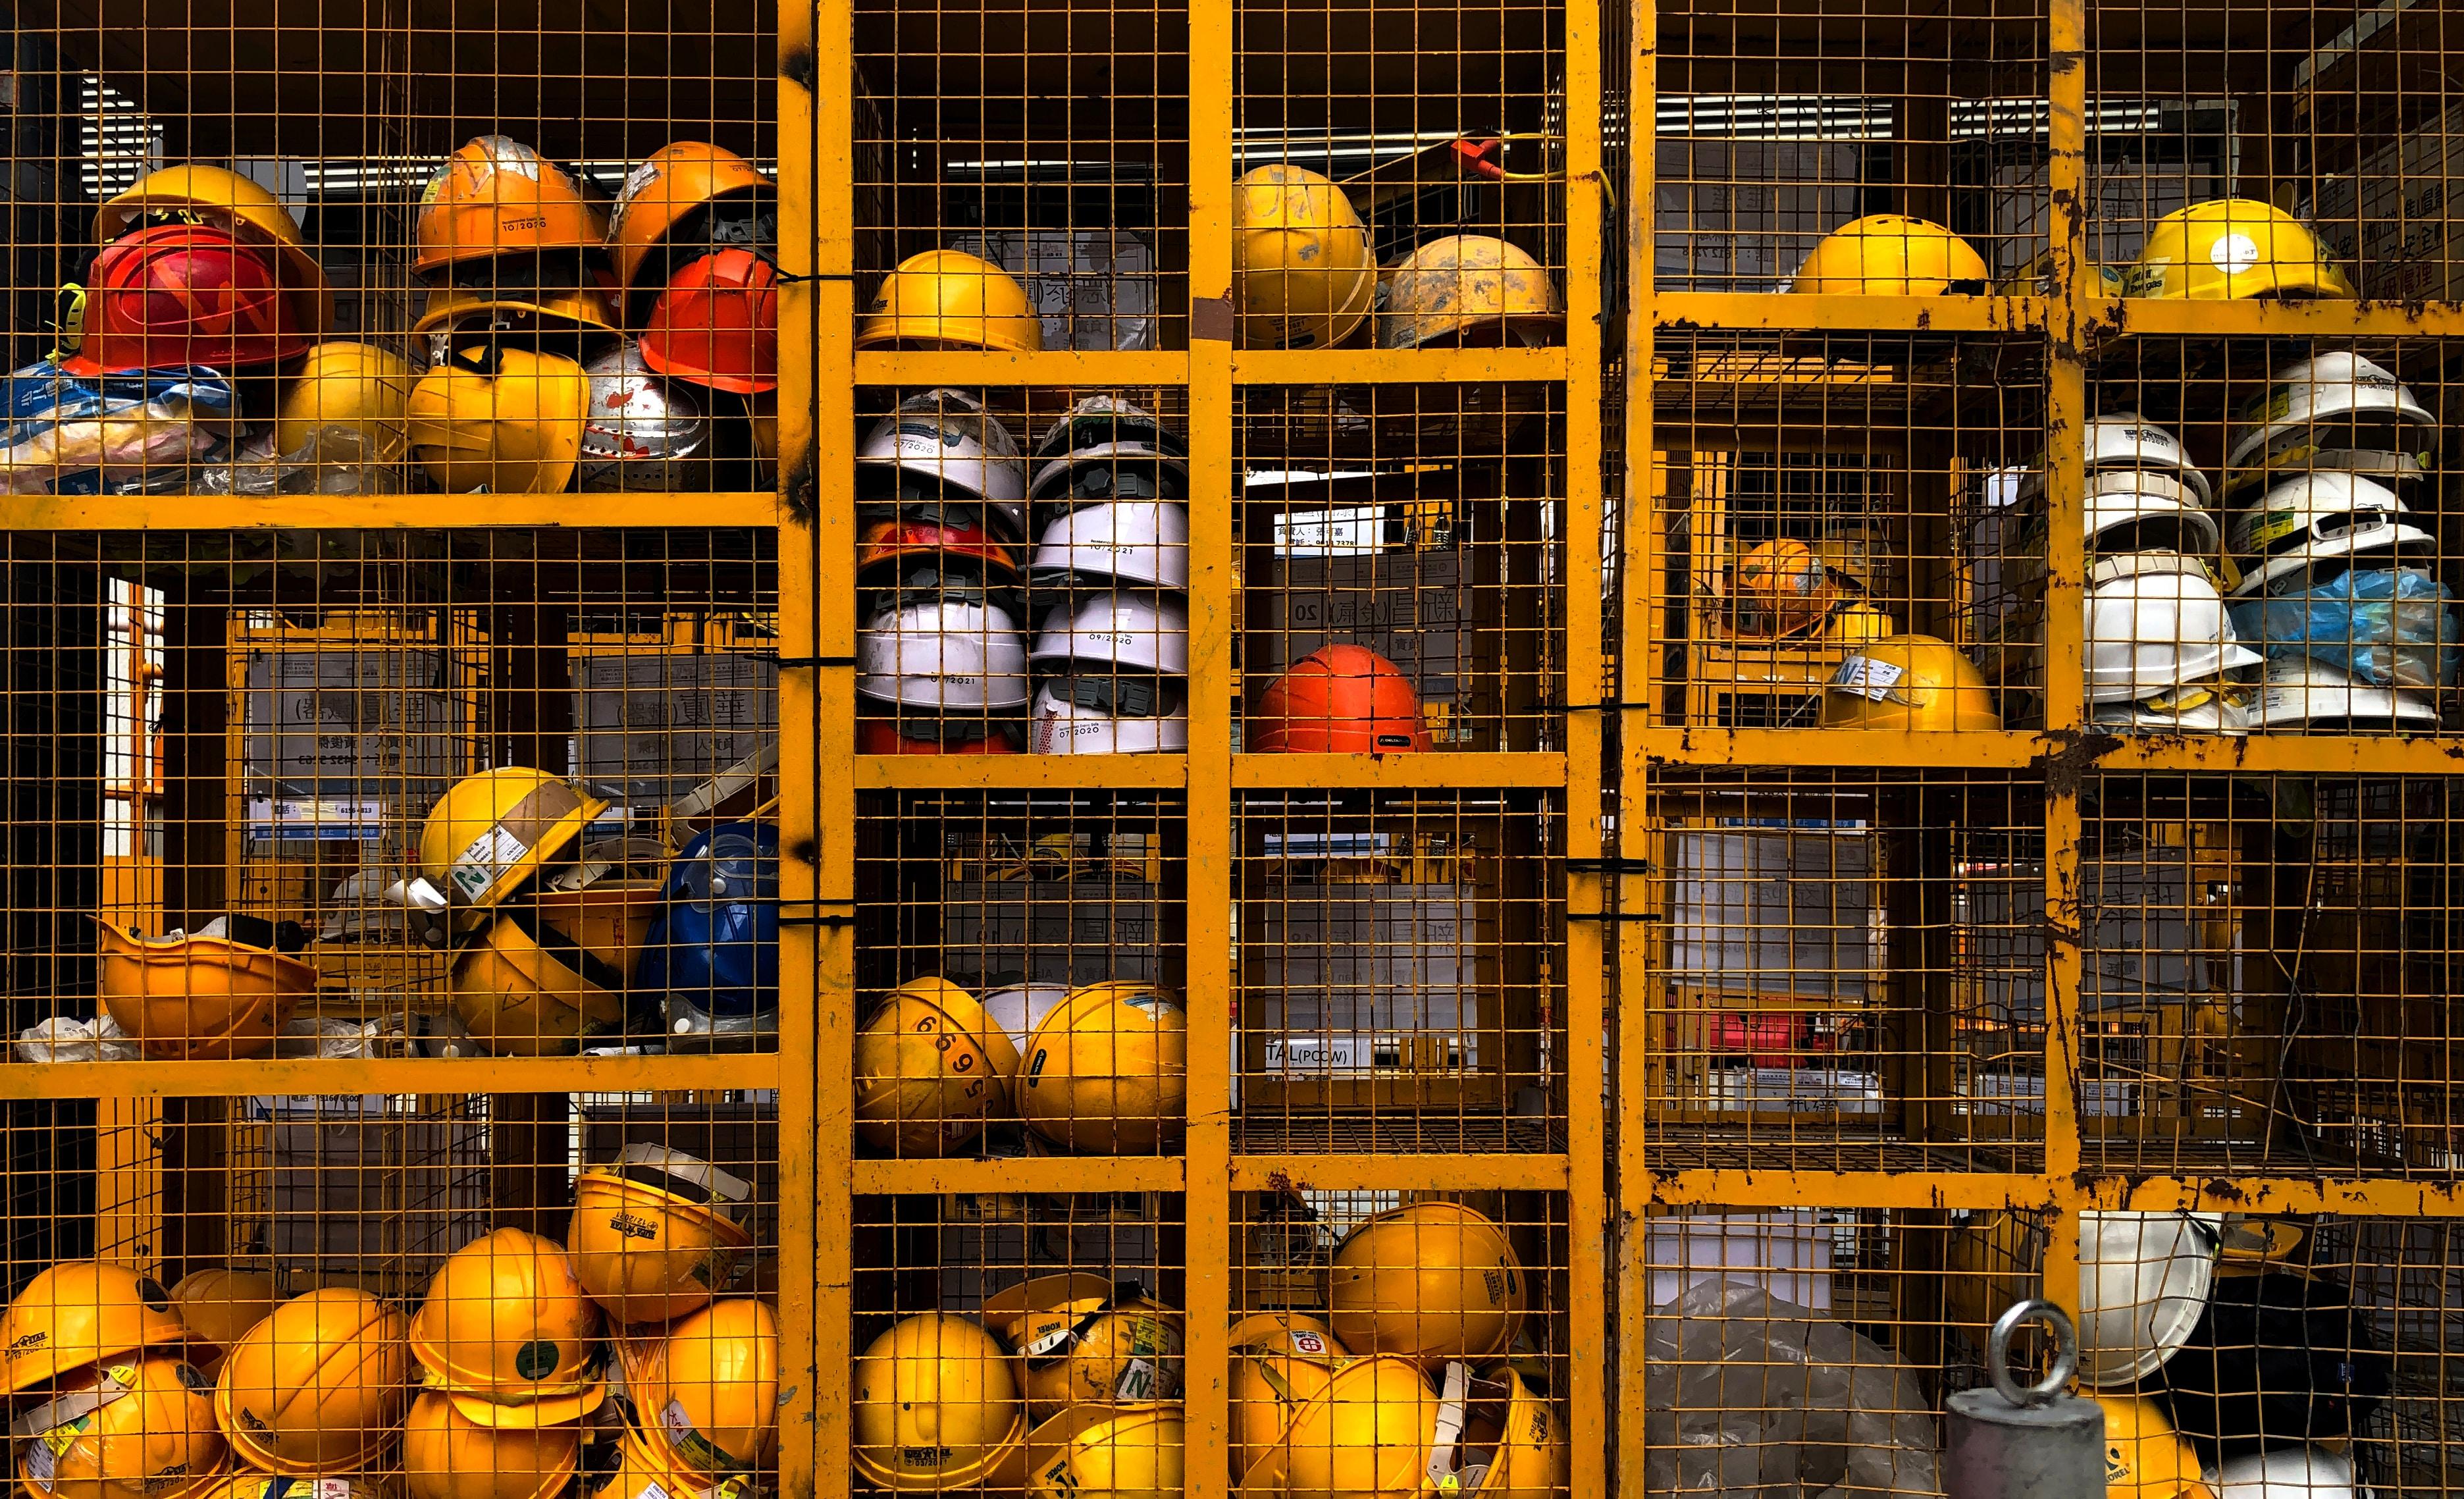 Comment diminuer la survenue des accidents en entrepôt ?